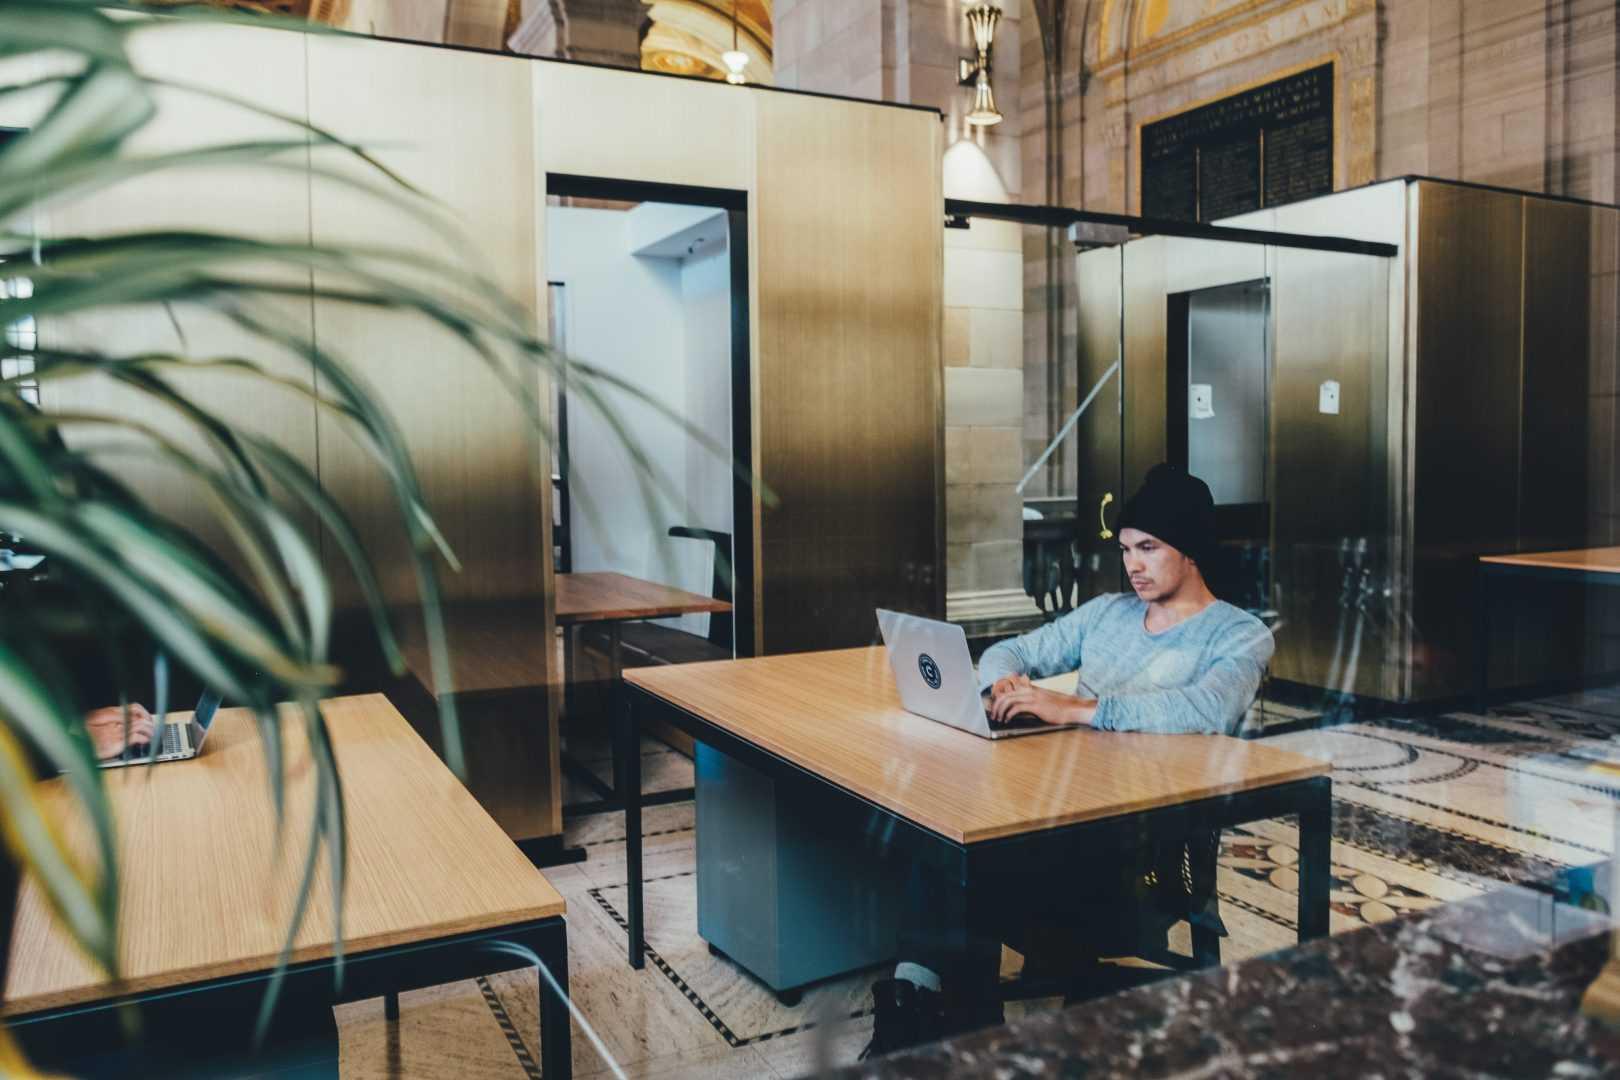 מכינה קדם אקדמית - איש יושב ליד מחשב